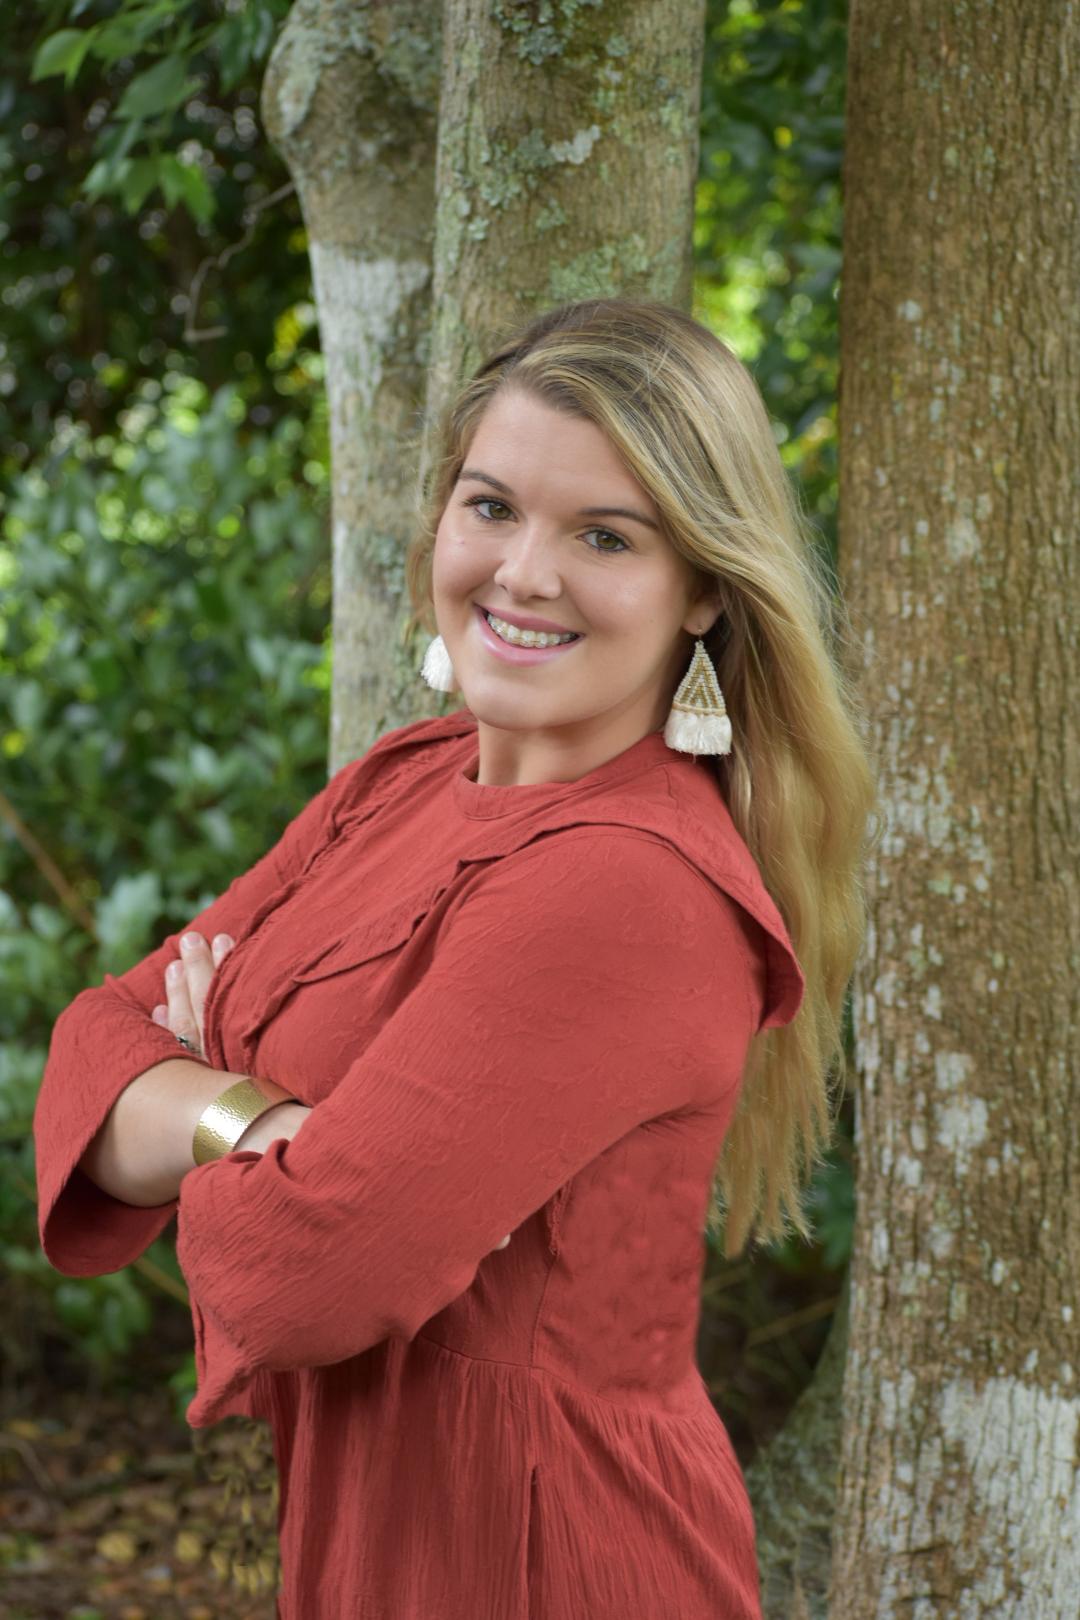 Kelsie Snyder